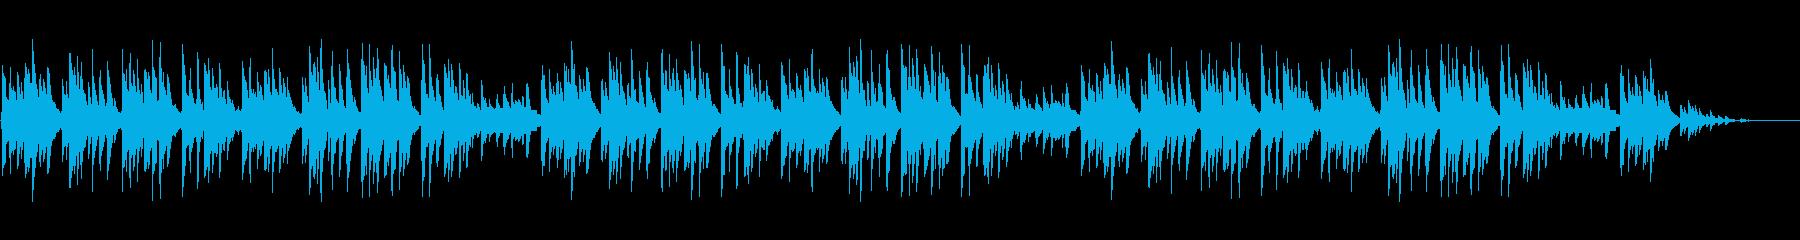 「どんぐりころころ」シンプルな琴アレンジの再生済みの波形